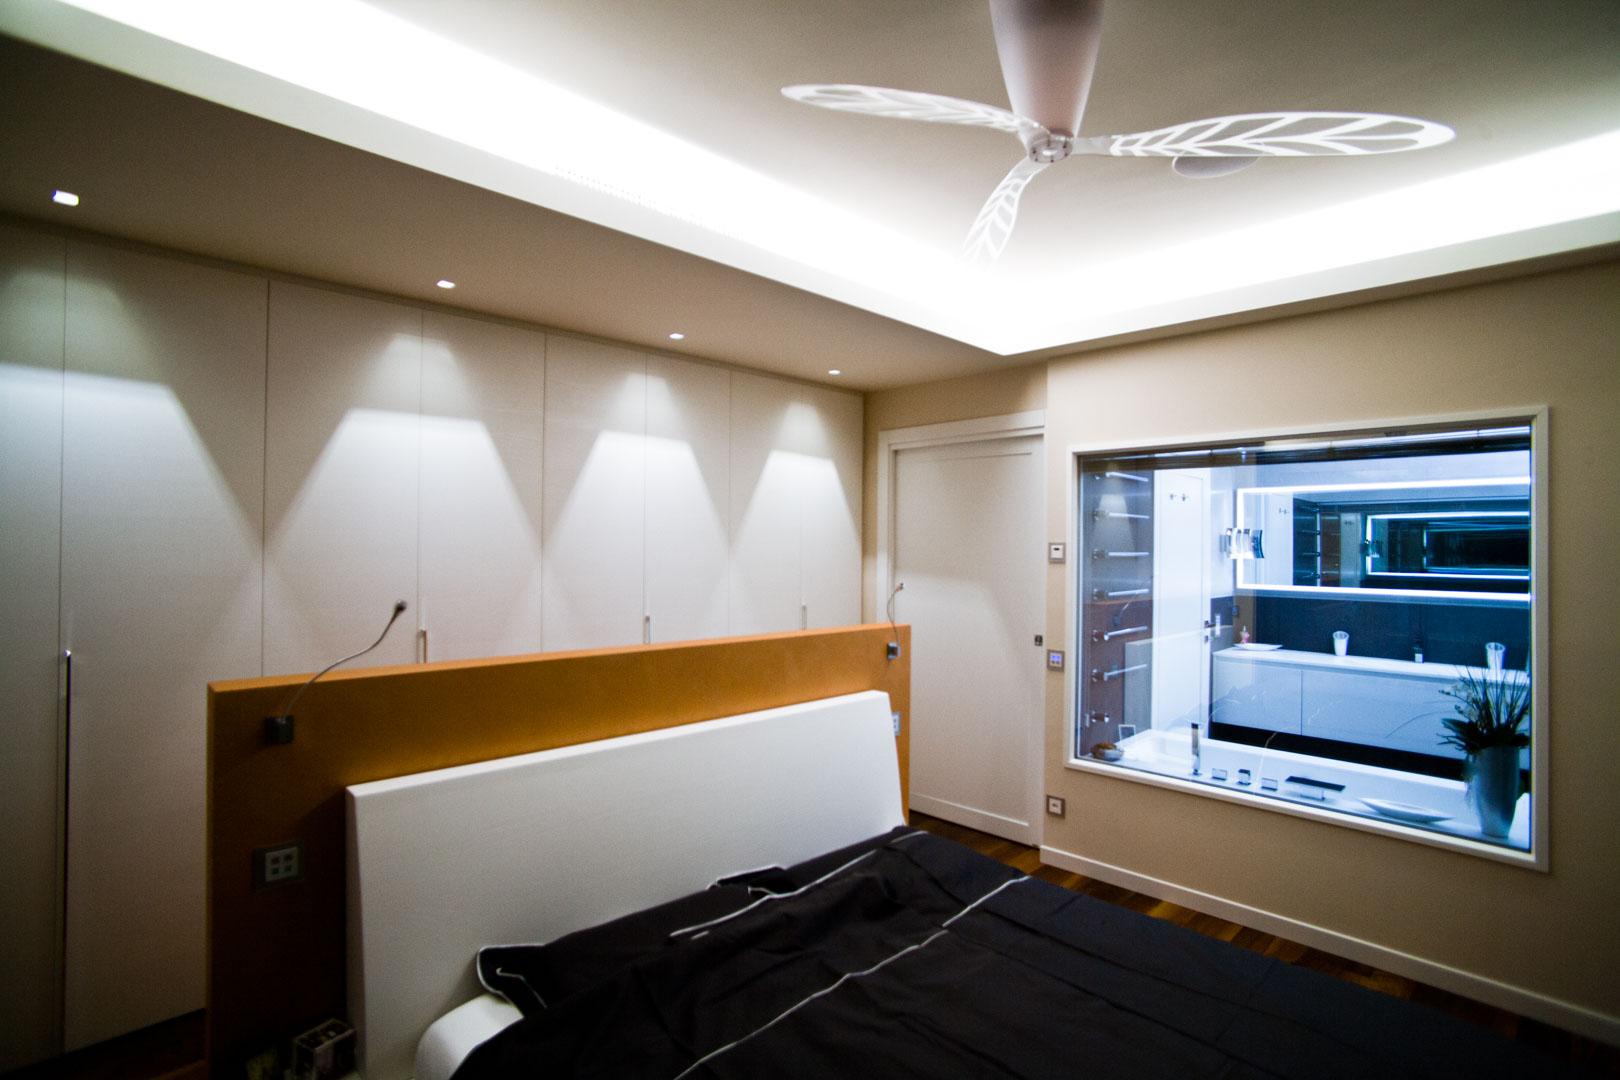 Svizzera 2 servizio fotografico di interni arredamento for Arredamento e design interni